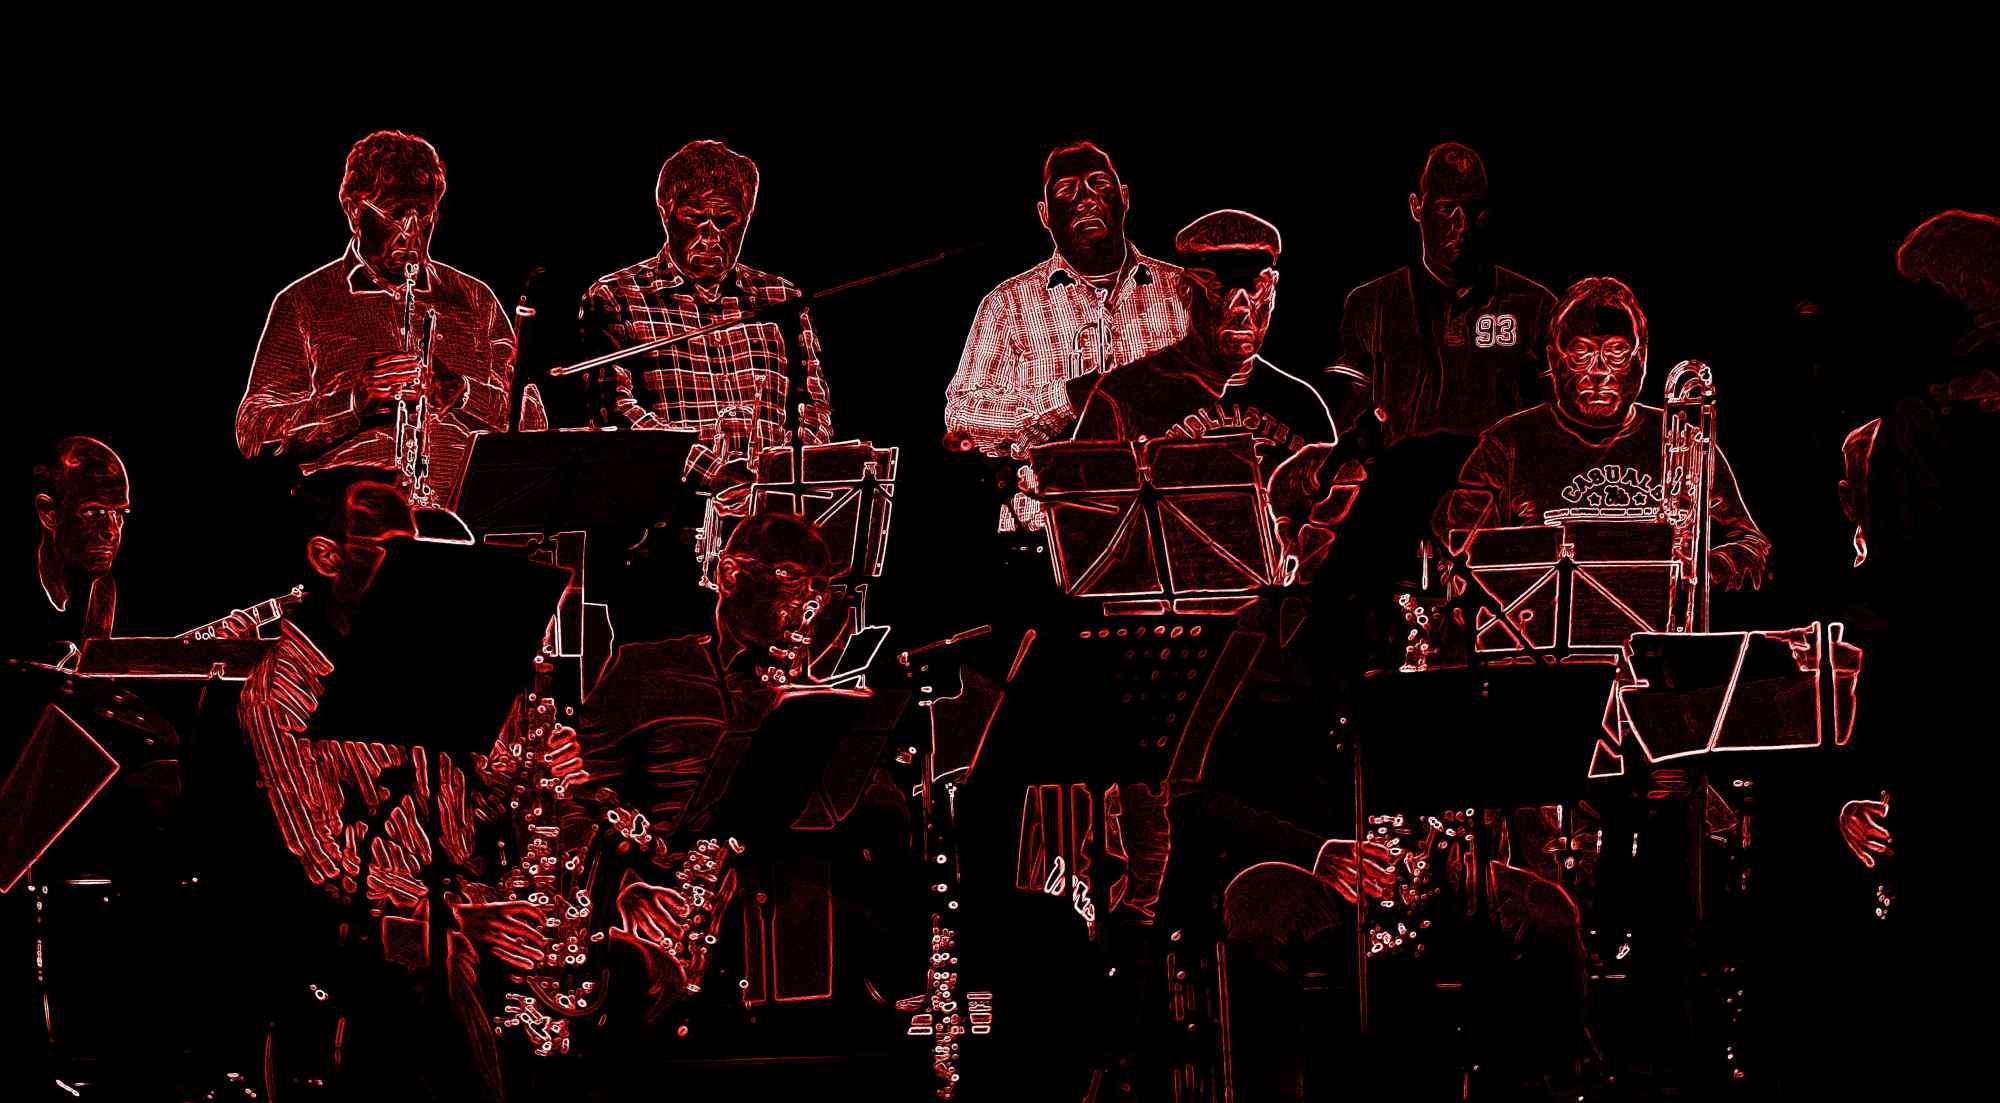 Bongos-Bigband-Konzert_20200301_DSC_2110.NEF_